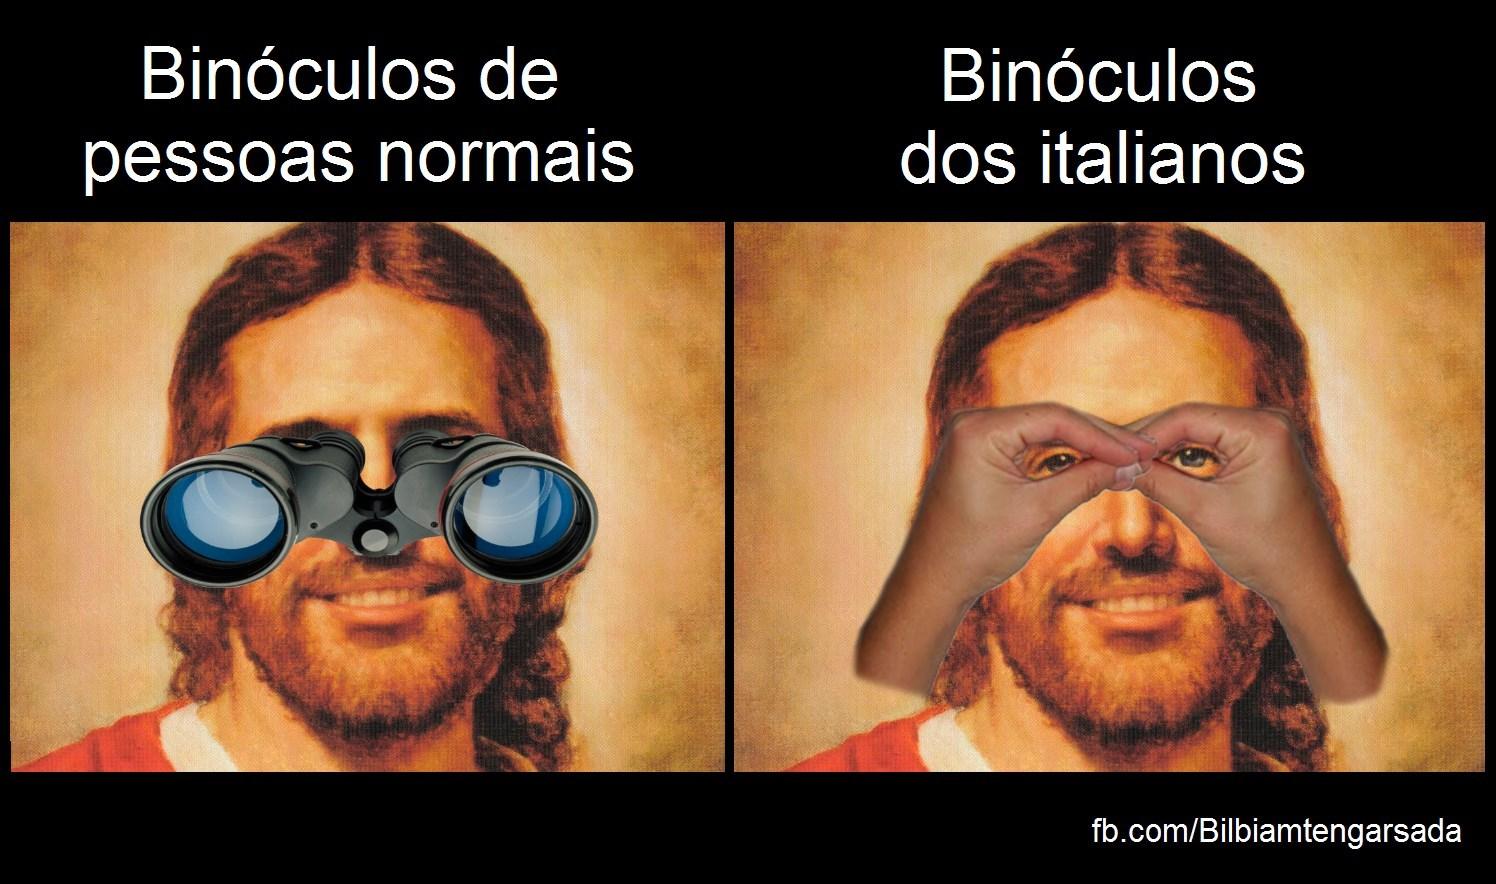 Binoculos em Italia - meme